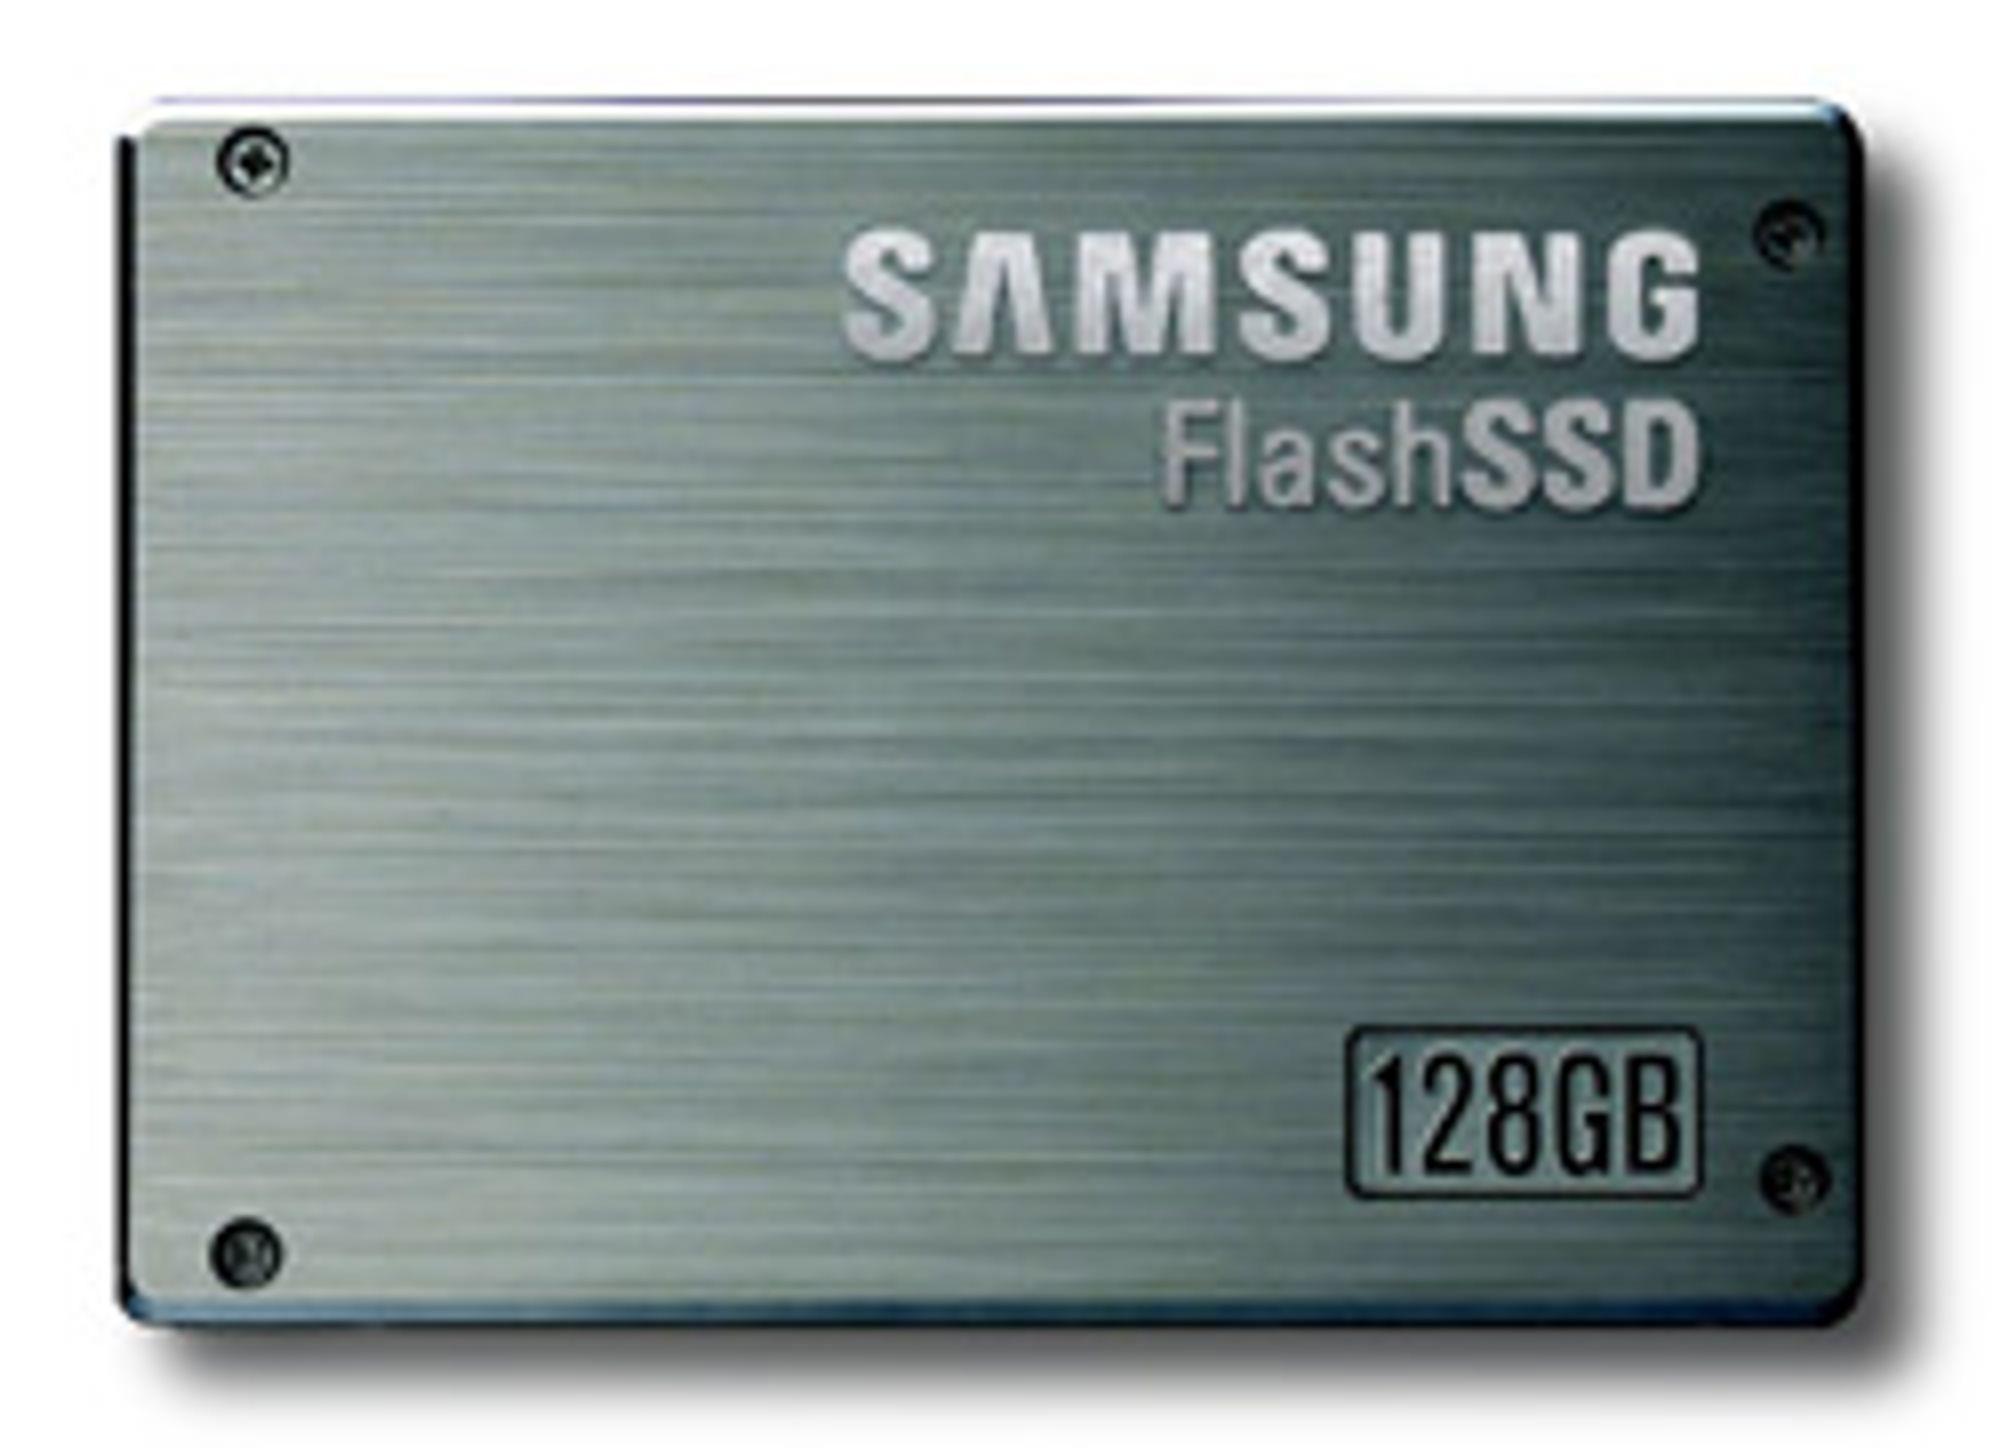 SSD kan bli bedre under Vista. (Foto: Samsung)